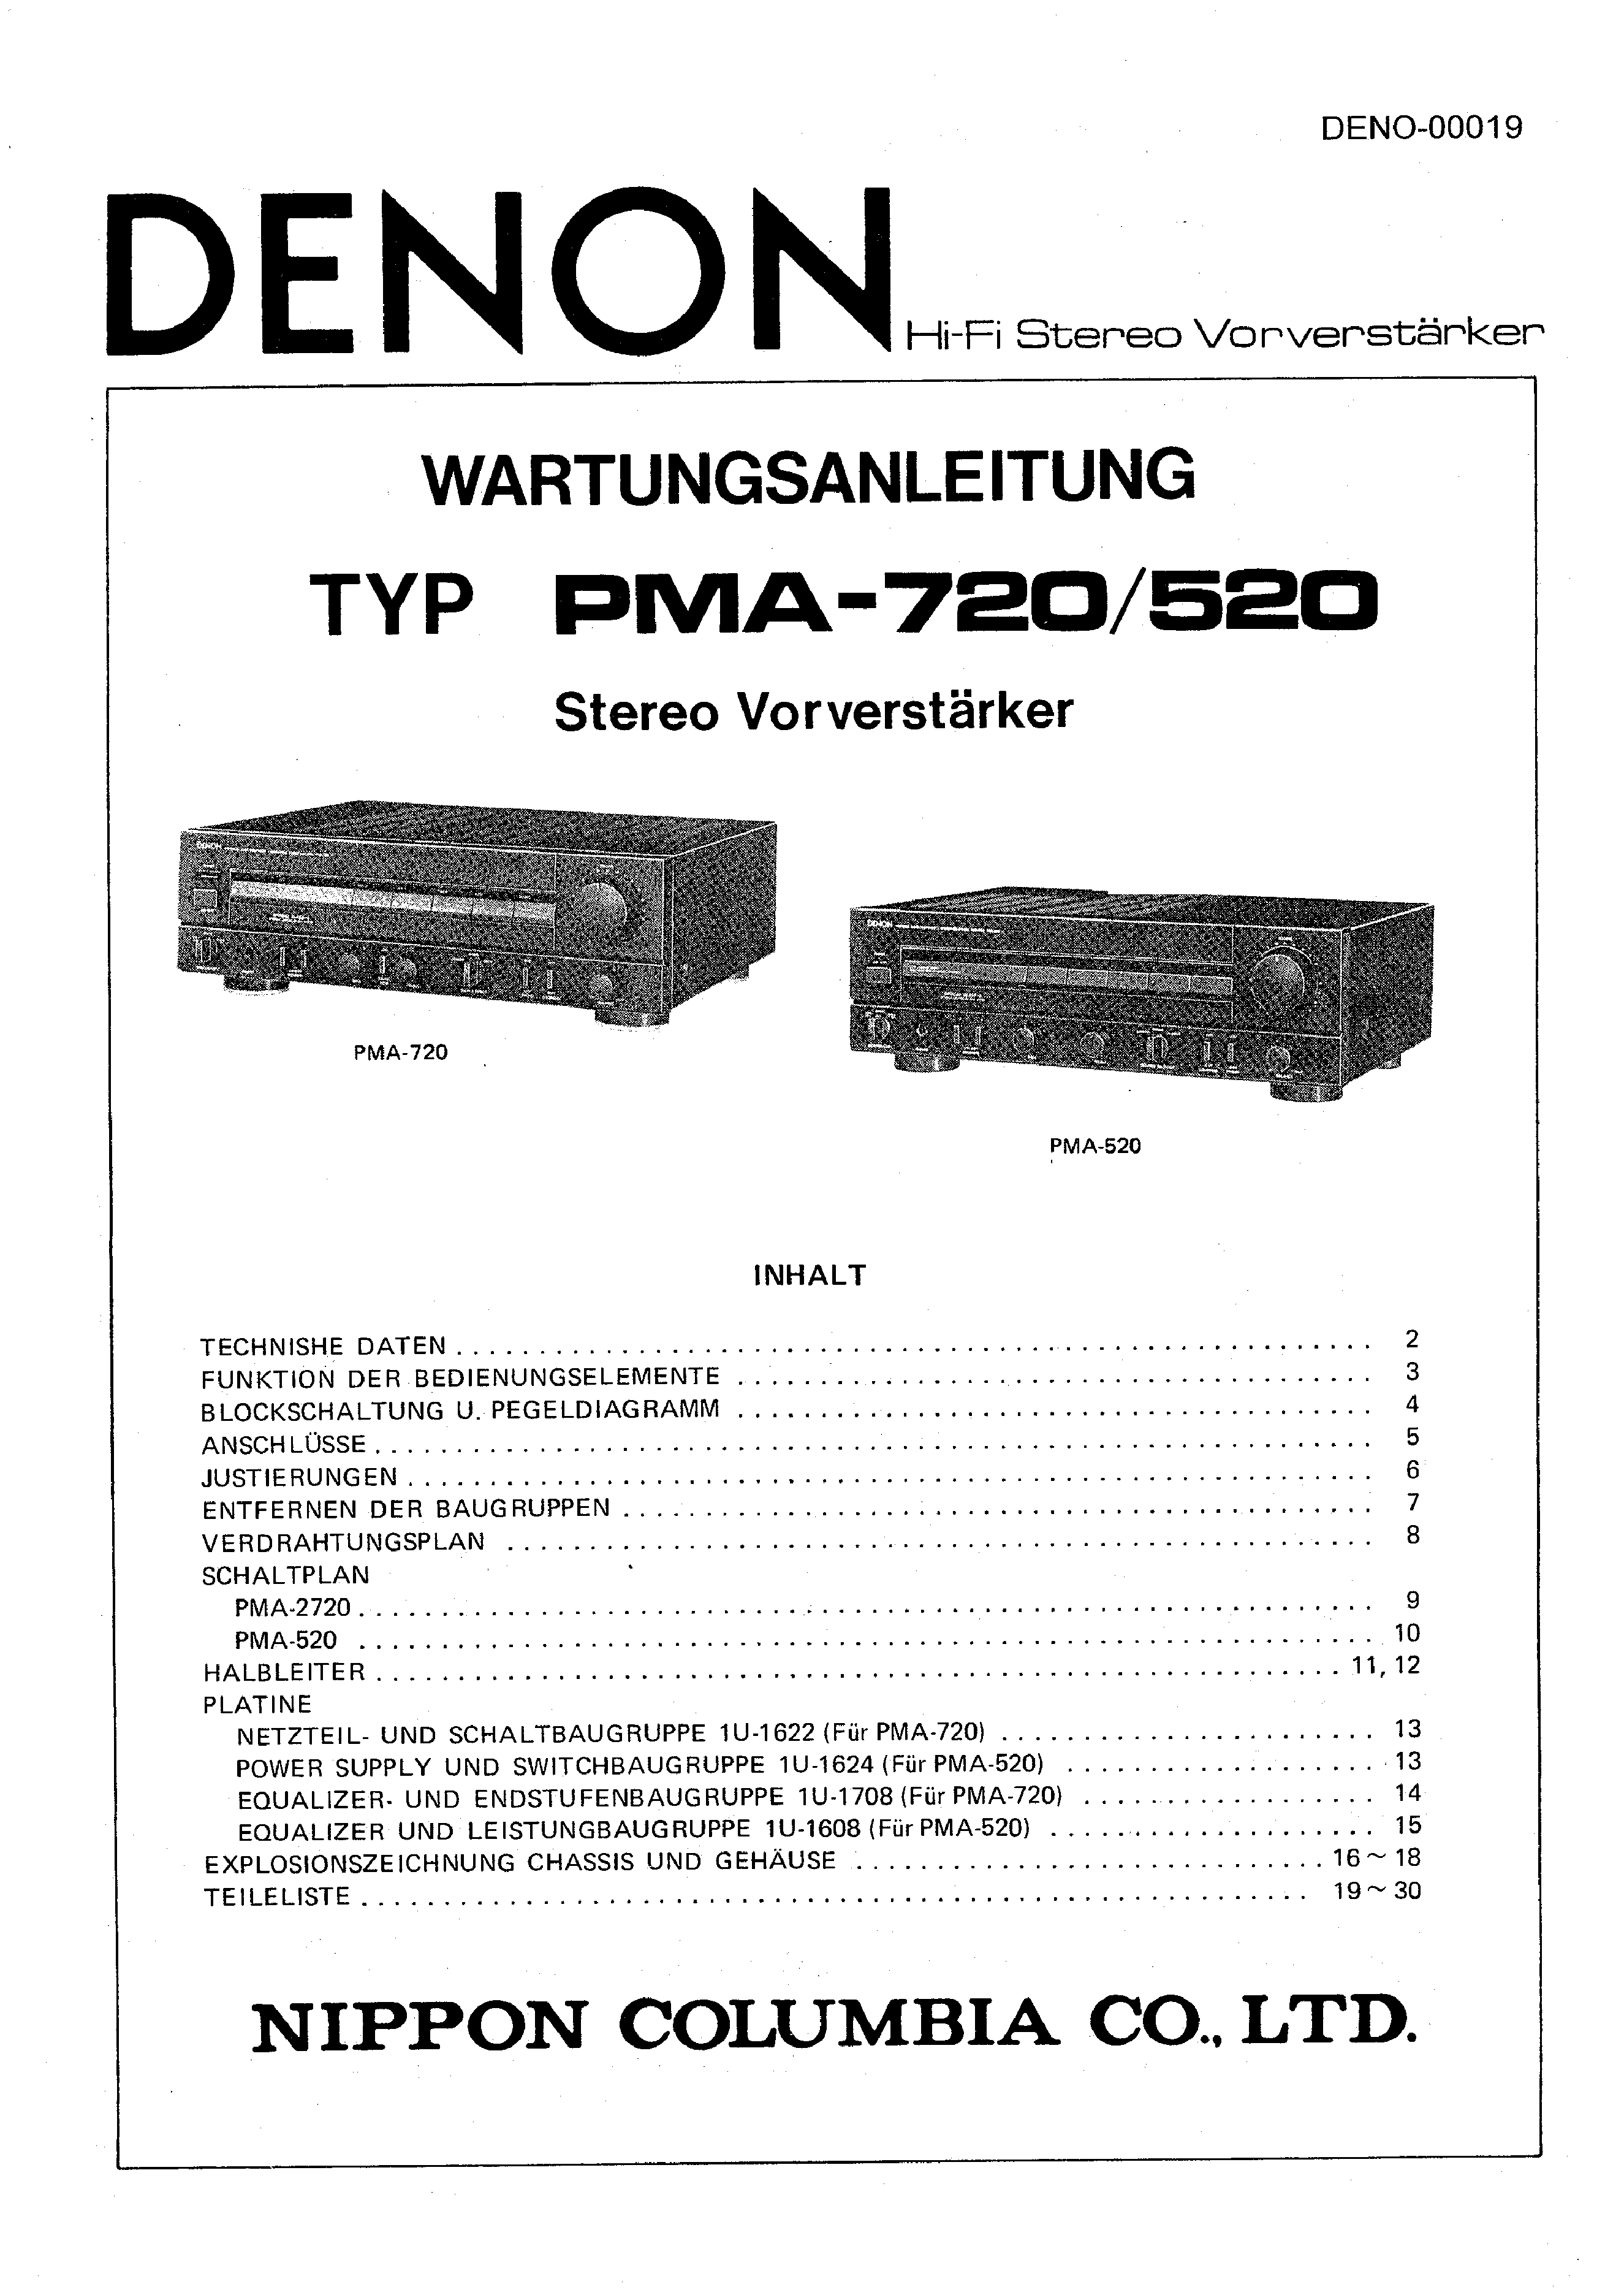 Service Manual for DENON PMA-520 - Download